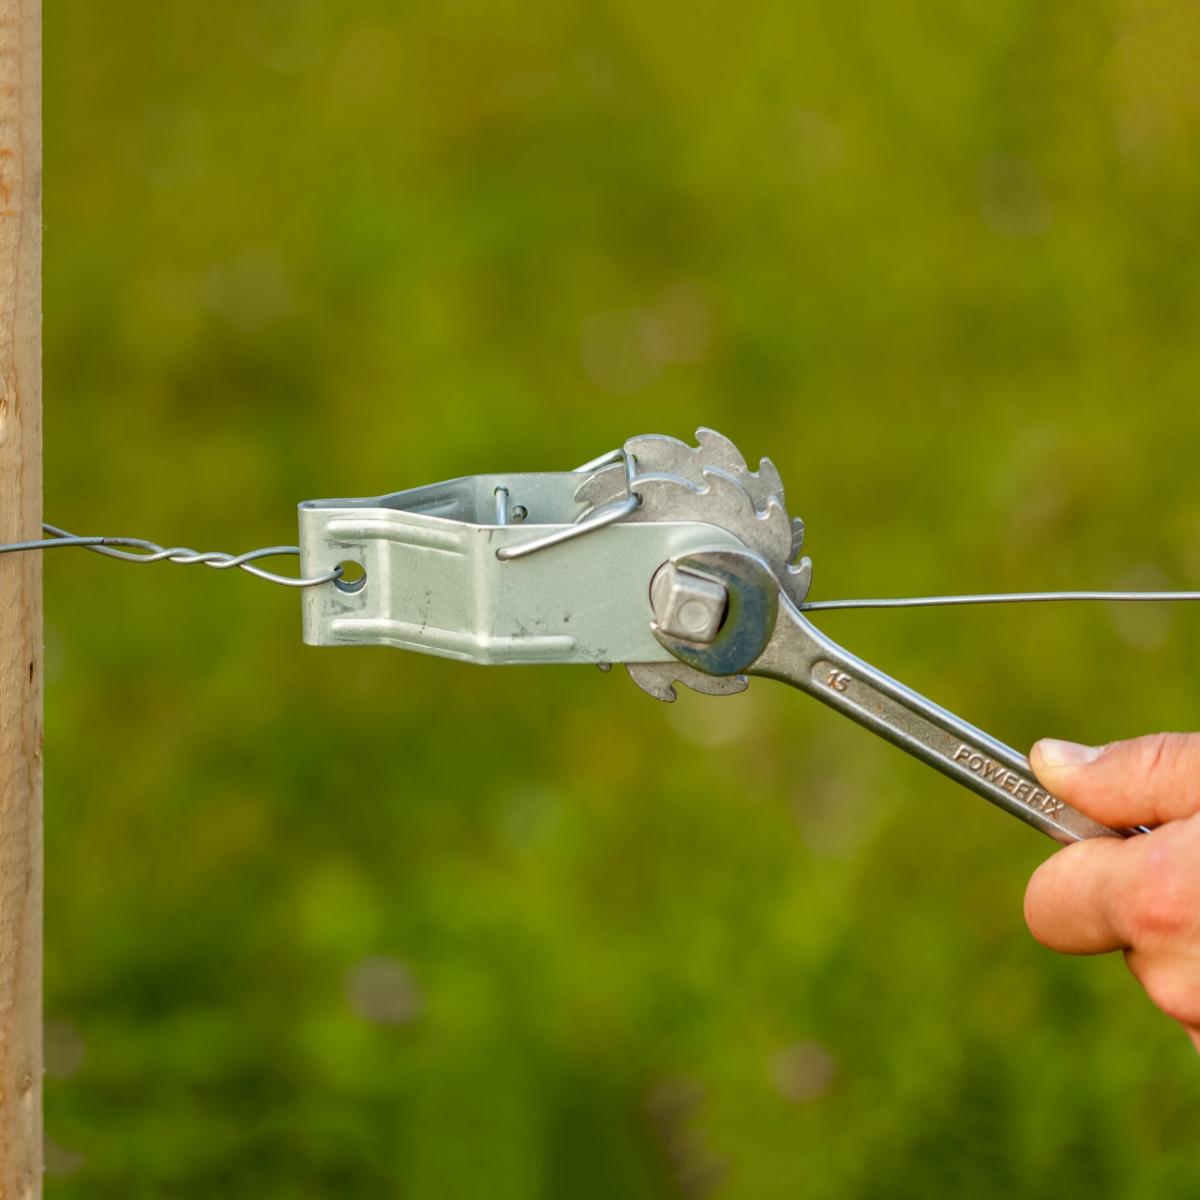 Întinzător cu clichet pentru fir gard electric